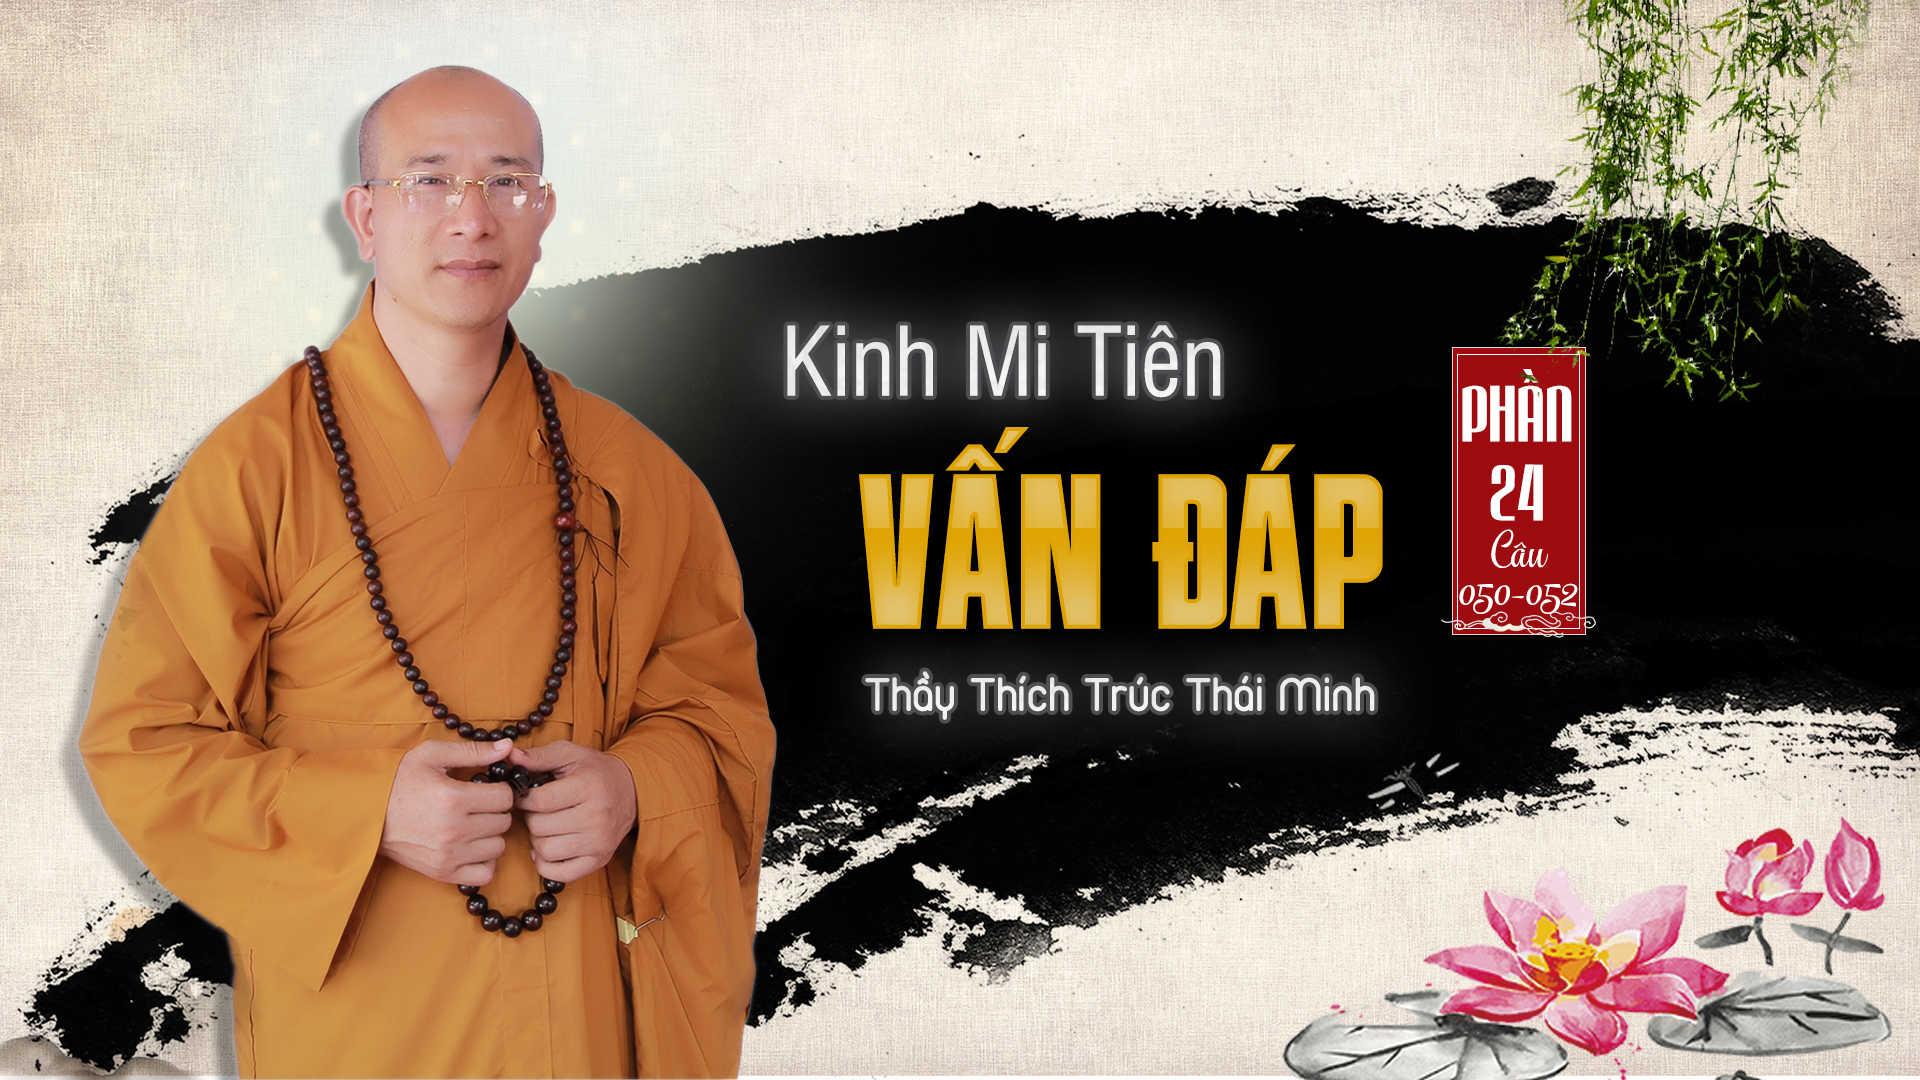 Kinh mi tiên vấn đáp phần 24 Thầy Thích Trúc Thái Minh chùa Ba Vàng.